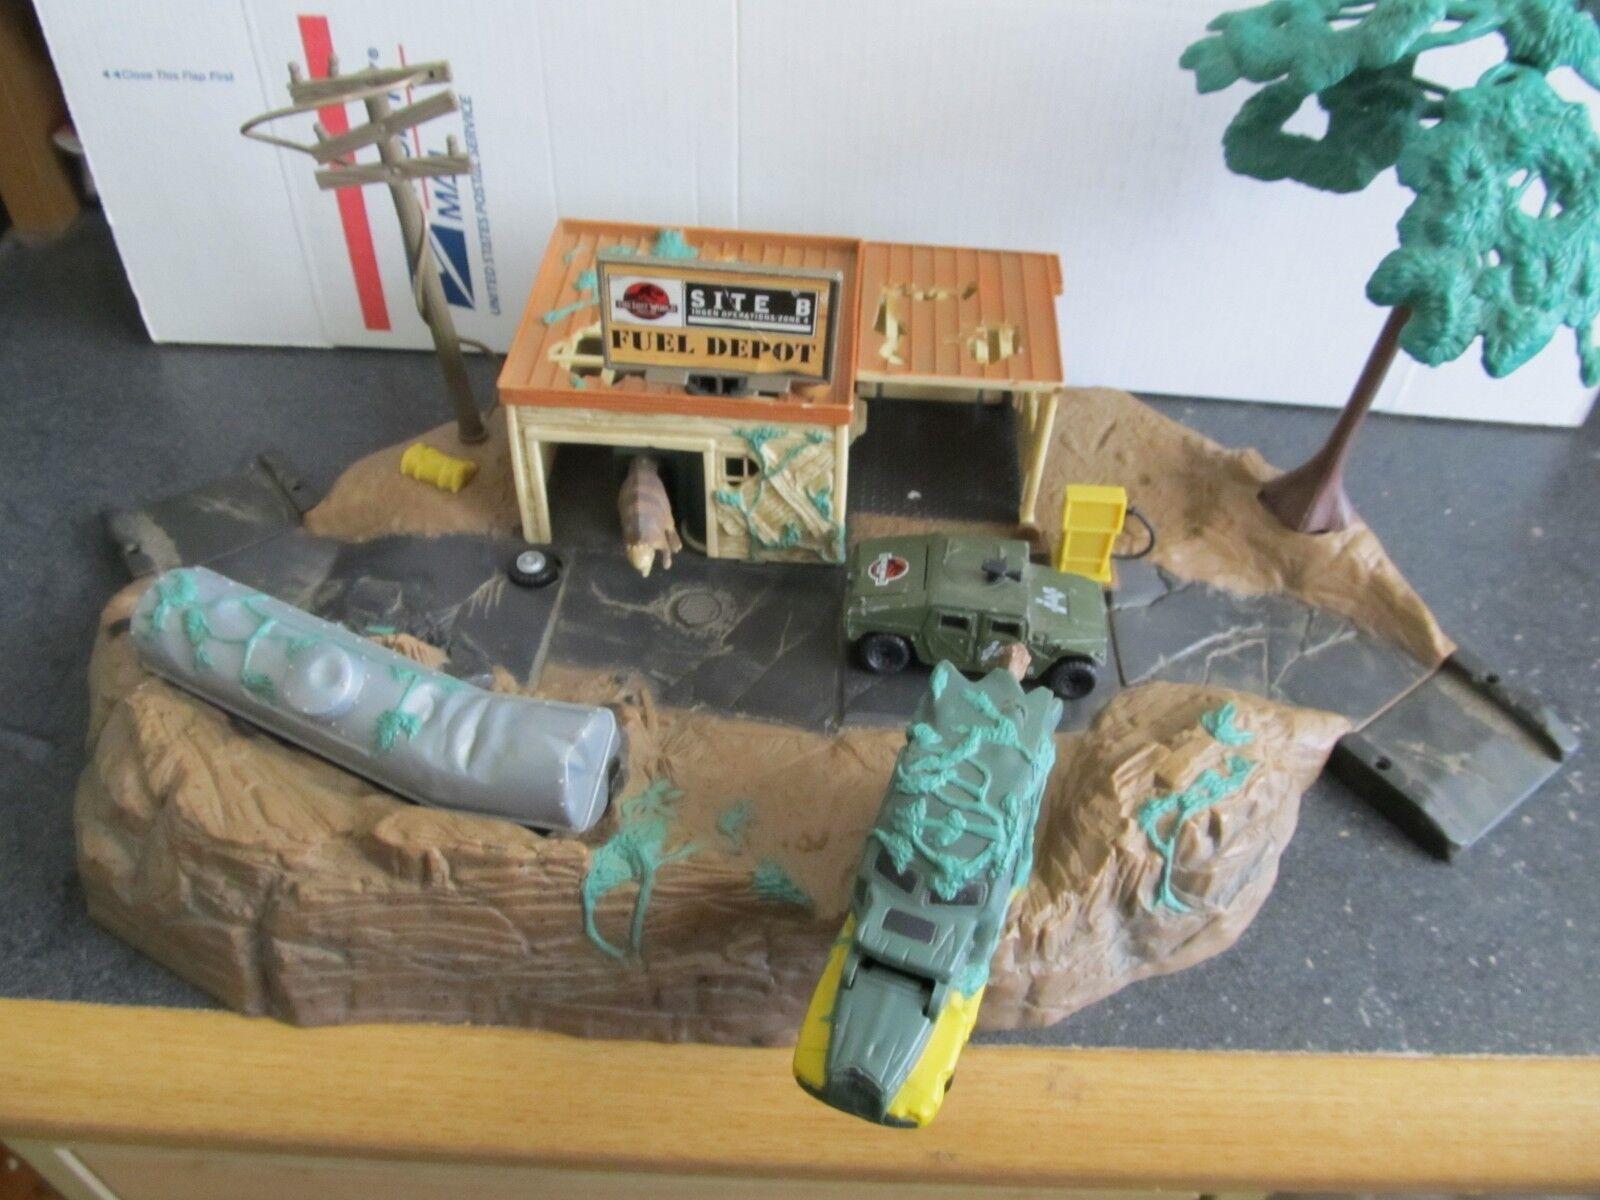 Die verlorene welt  jurassic park  matchbox - seite b depot vintage1996 playset 100%